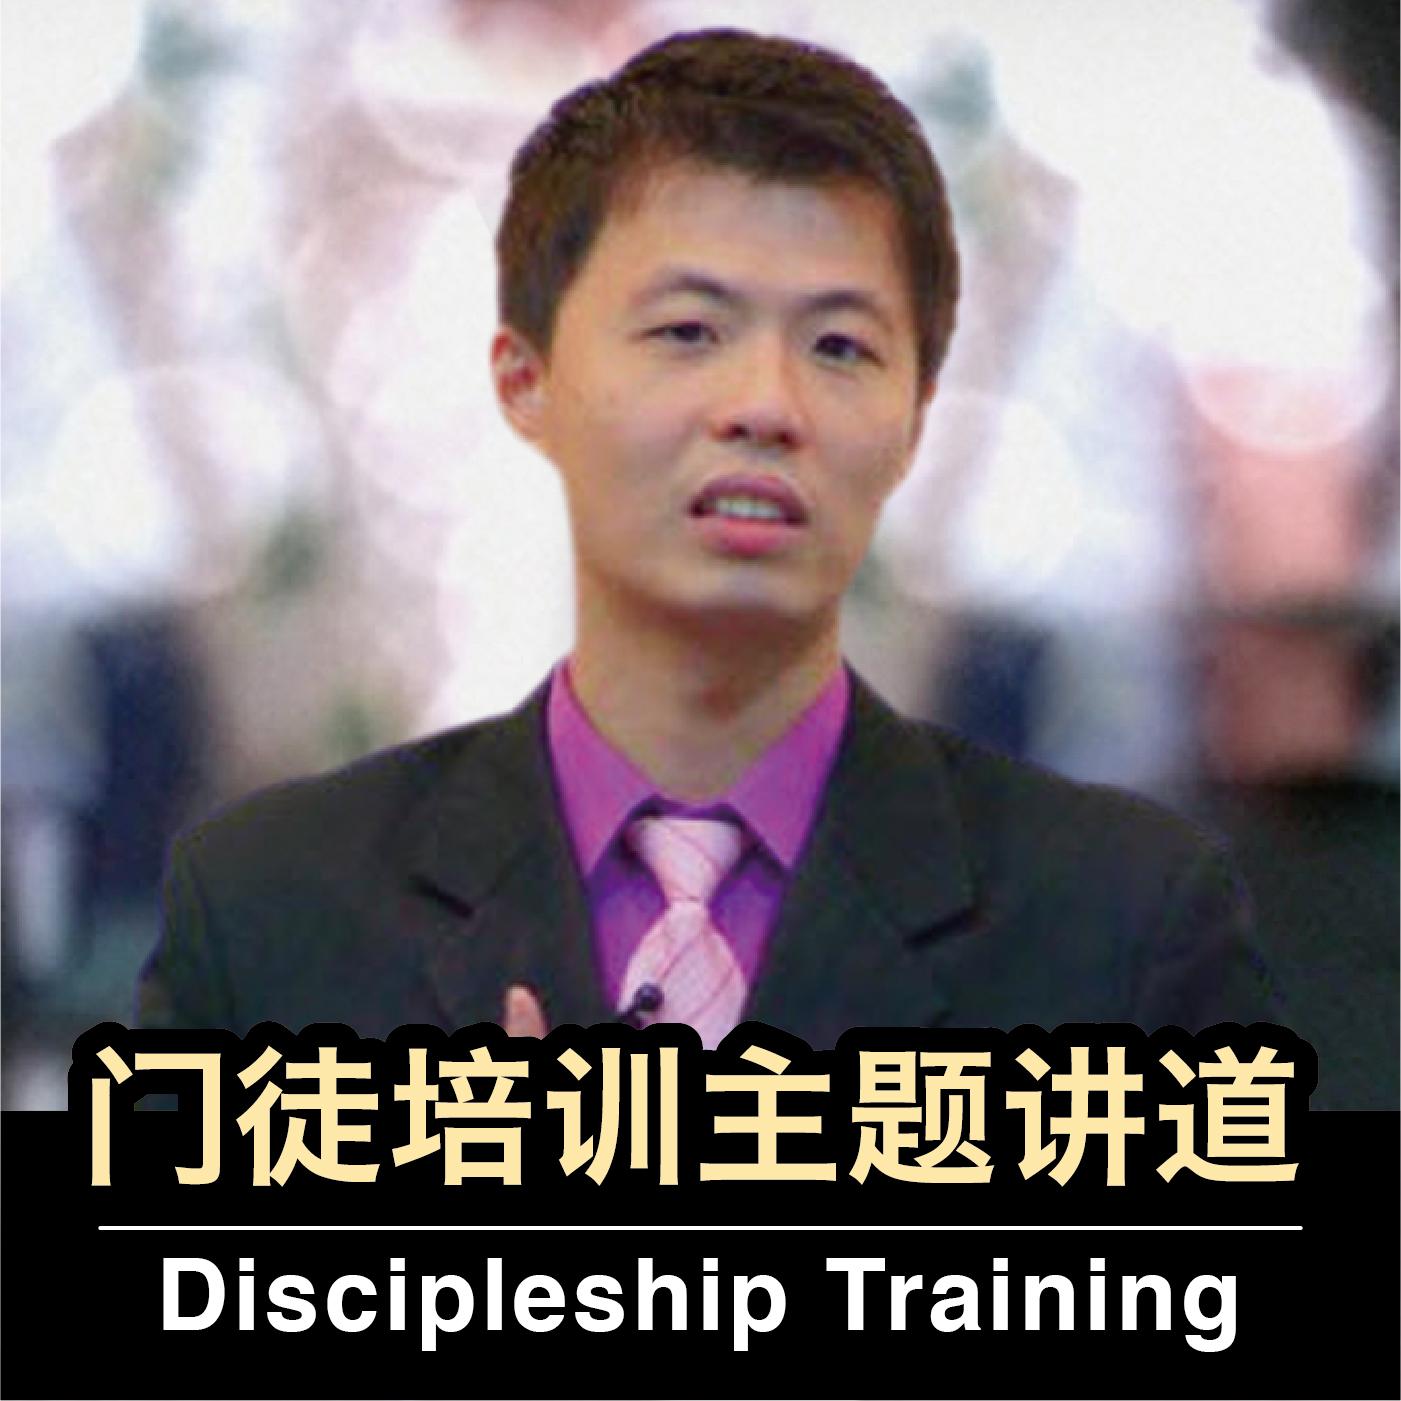 圣经主题讲道特别分享(朱志山牧师)[新加坡基督生命堂] 门徒培训讲道